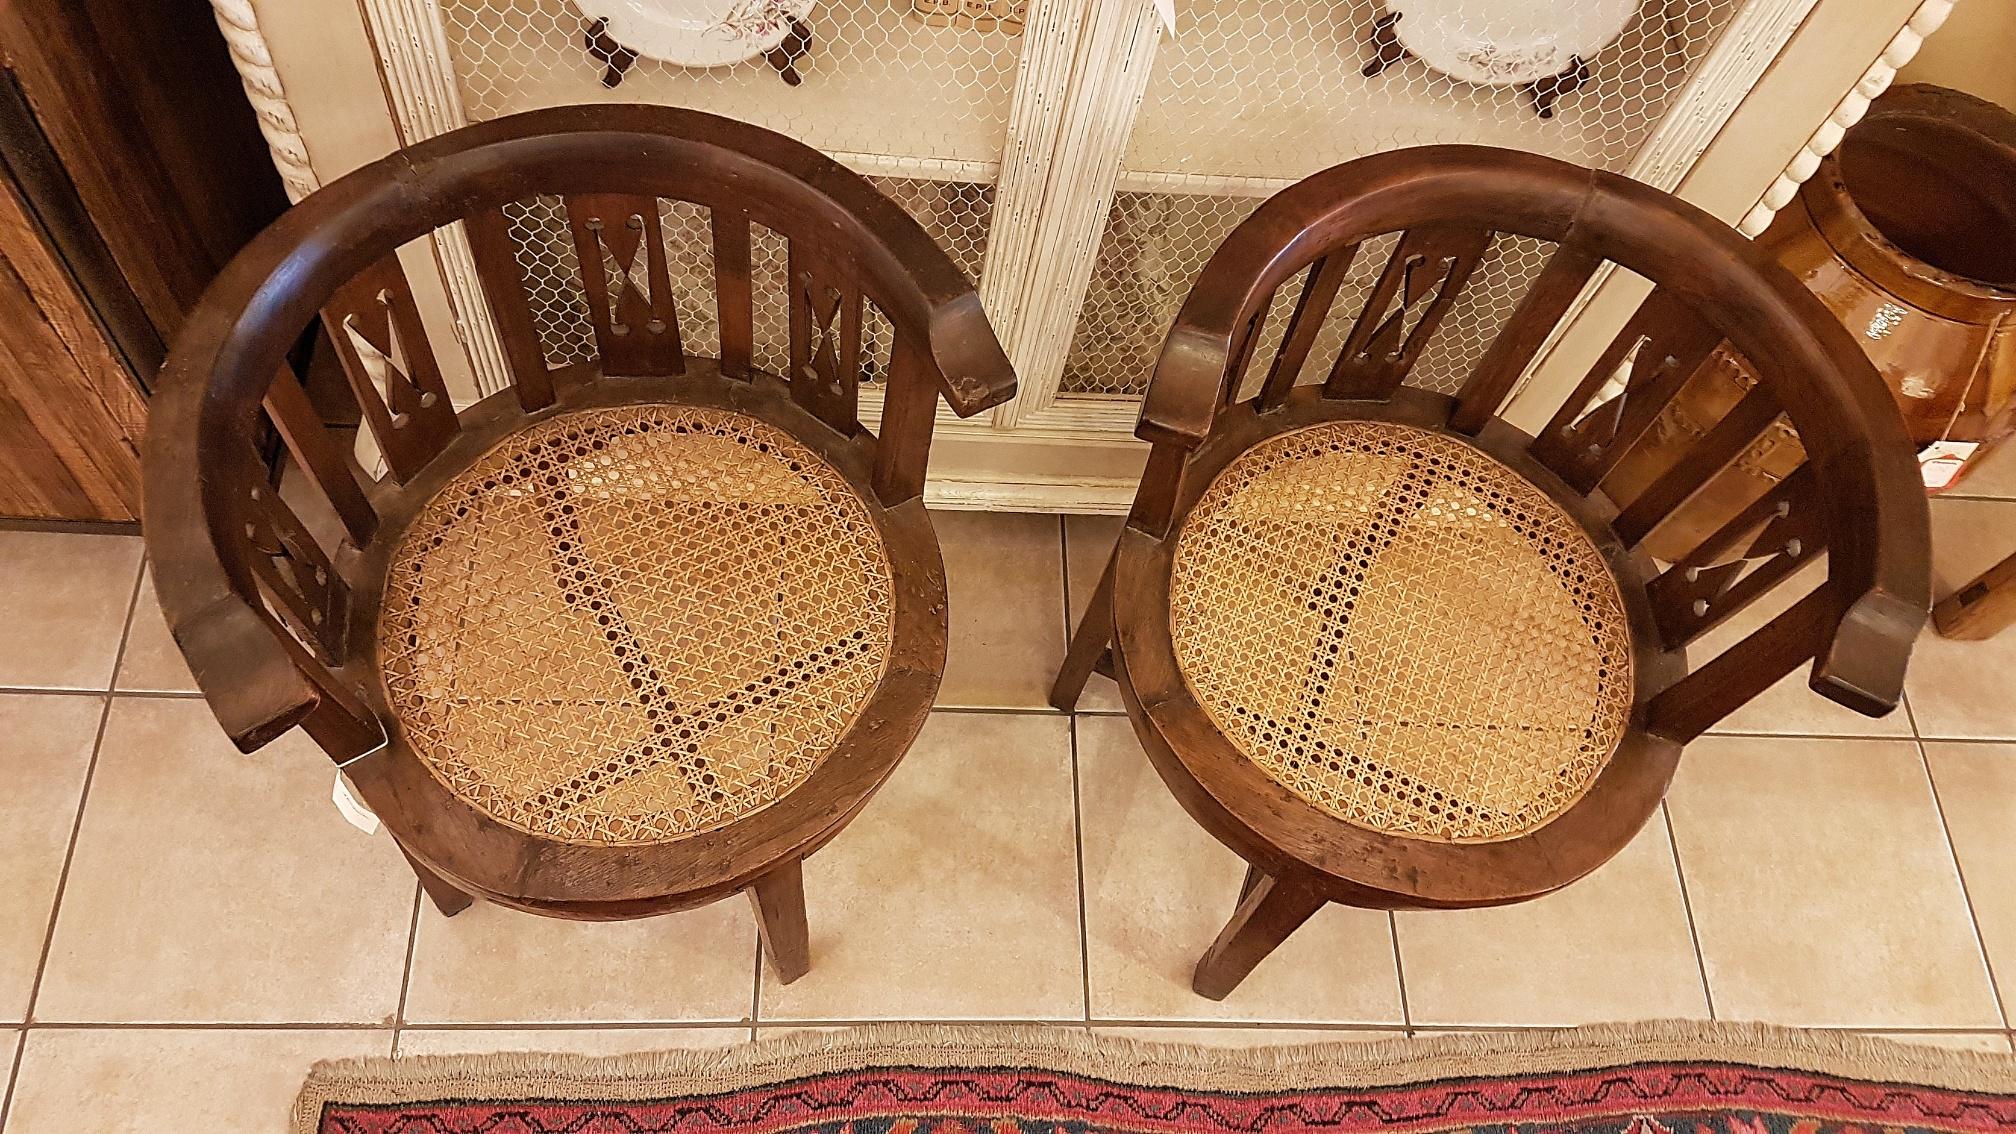 Poltroncine Antiche A Pozzetto.Arredamento Contemporaneo Mobili Country Su Misura Siena Firenze